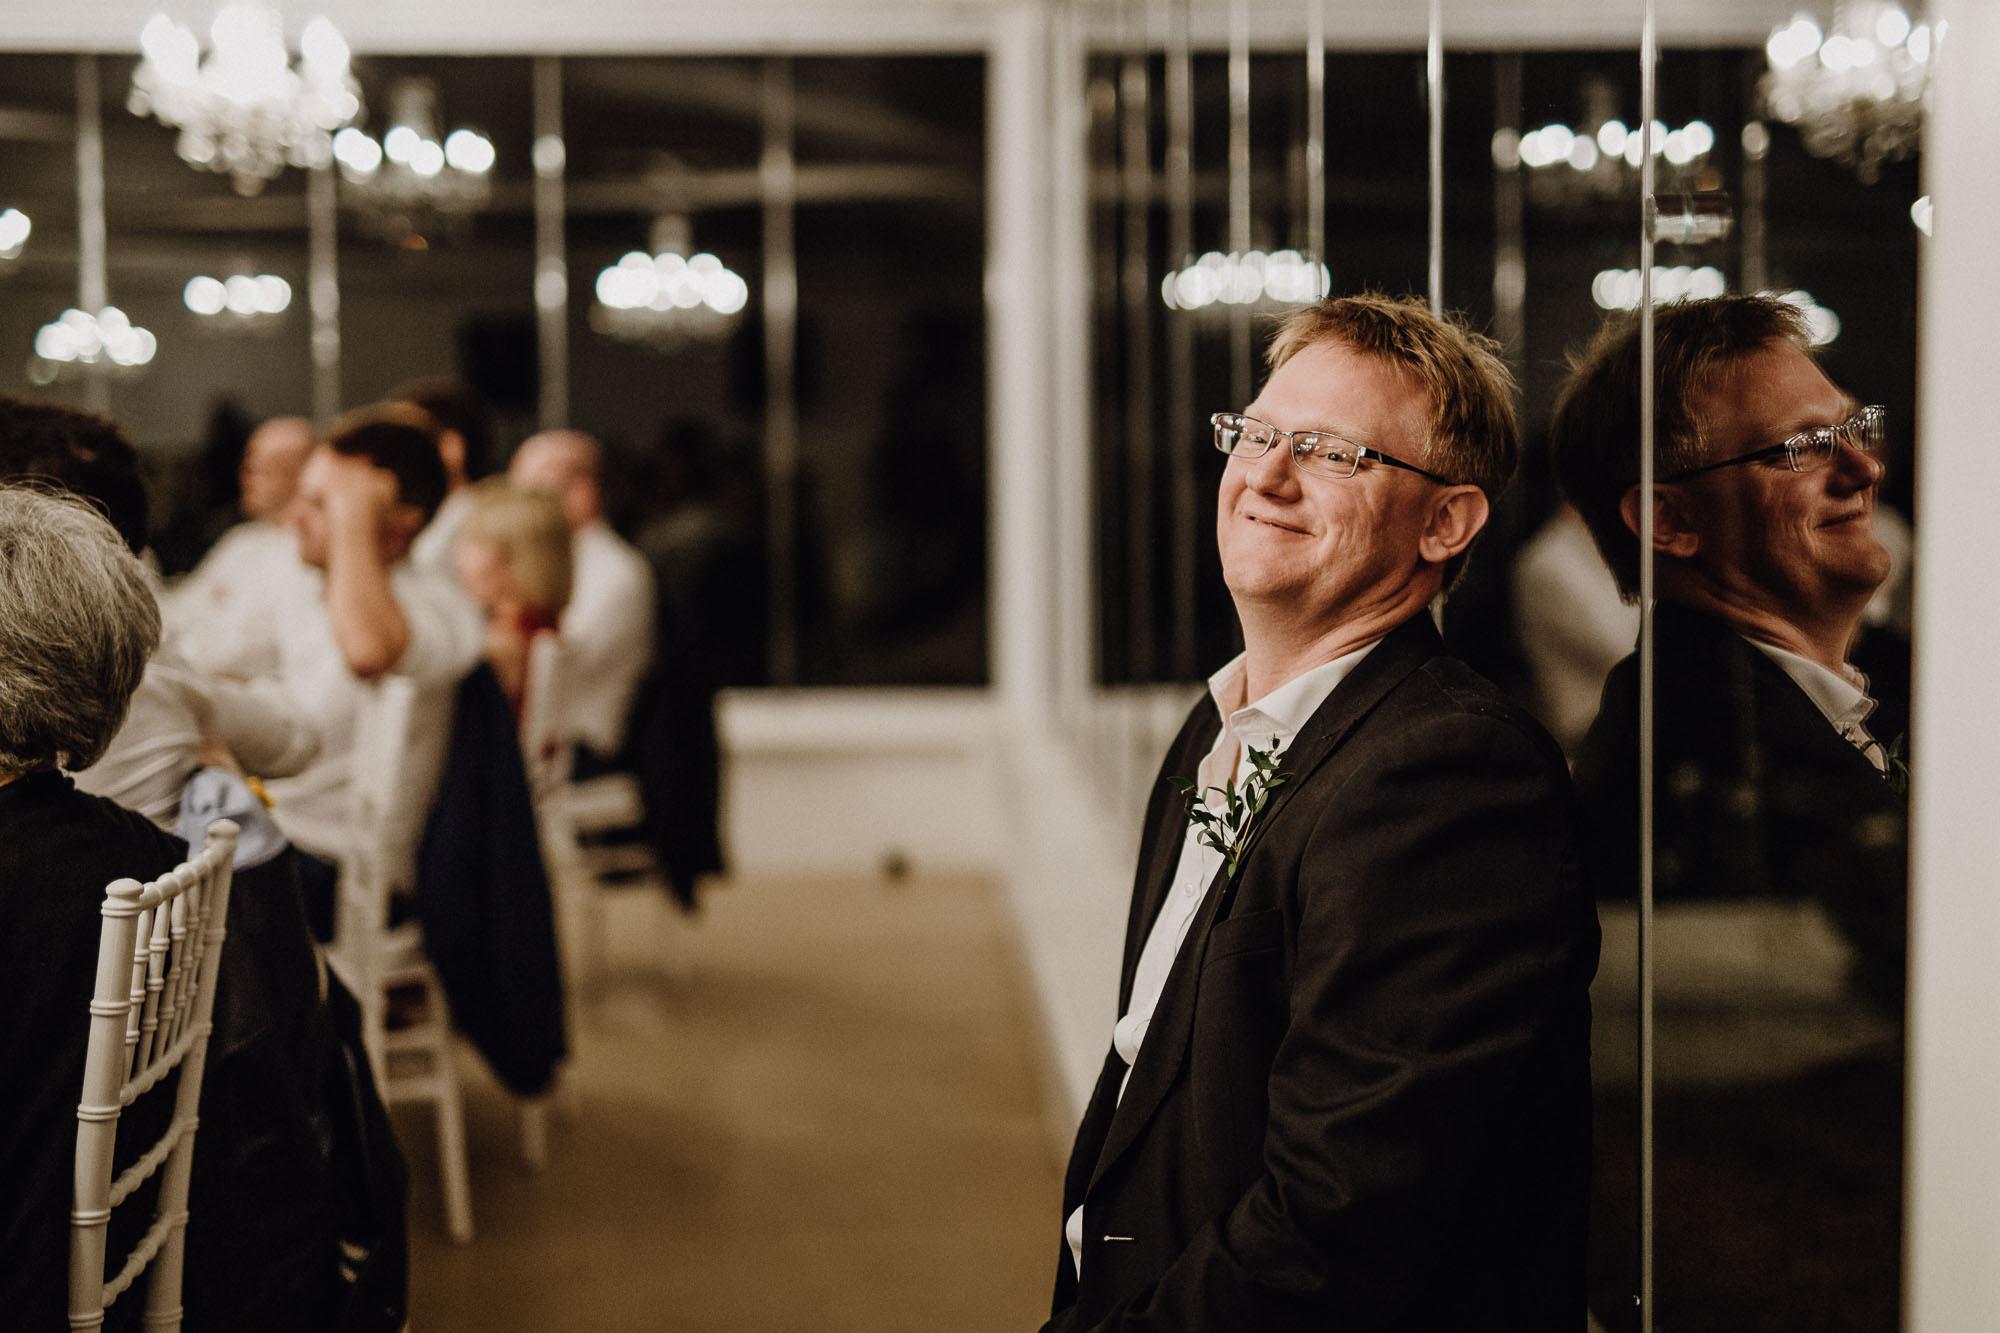 Der Bruder der Braut sitzt glücklich abseits des Geschehens